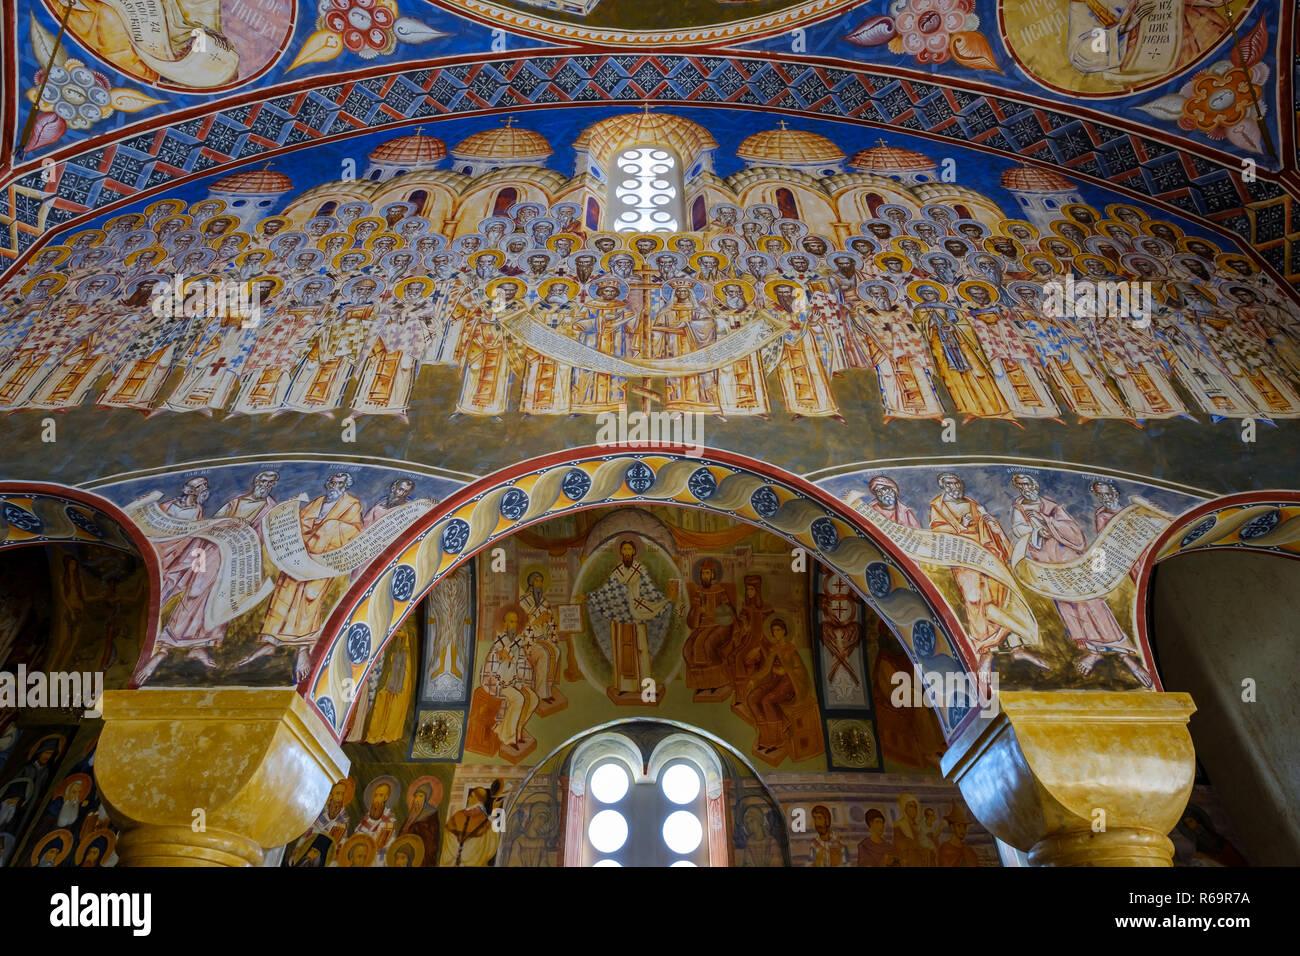 Mur peint avec des fresques artistiques, de l'intérieur, cathédrale St Vladimir, Johannnes Hram Svetog Jovana Vladimira, bar, Monténégro Photo Stock